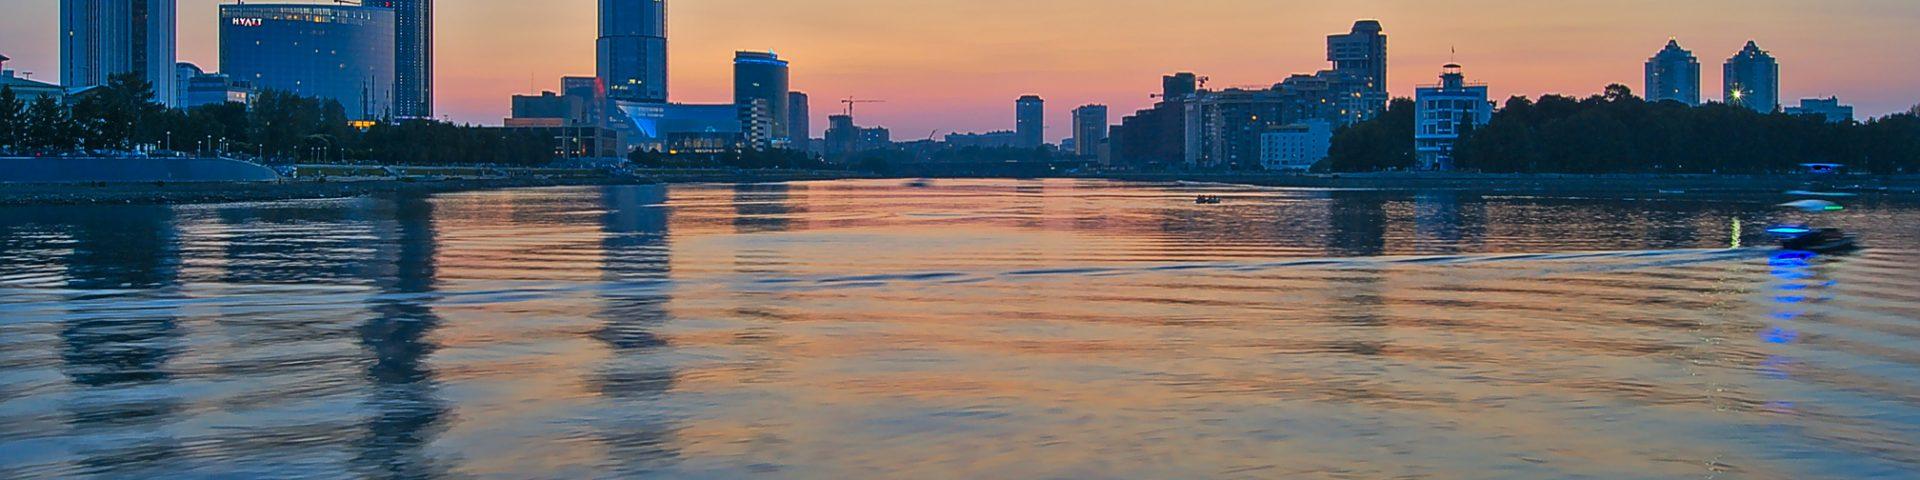 Am Fluss Isset Jekatarinburg